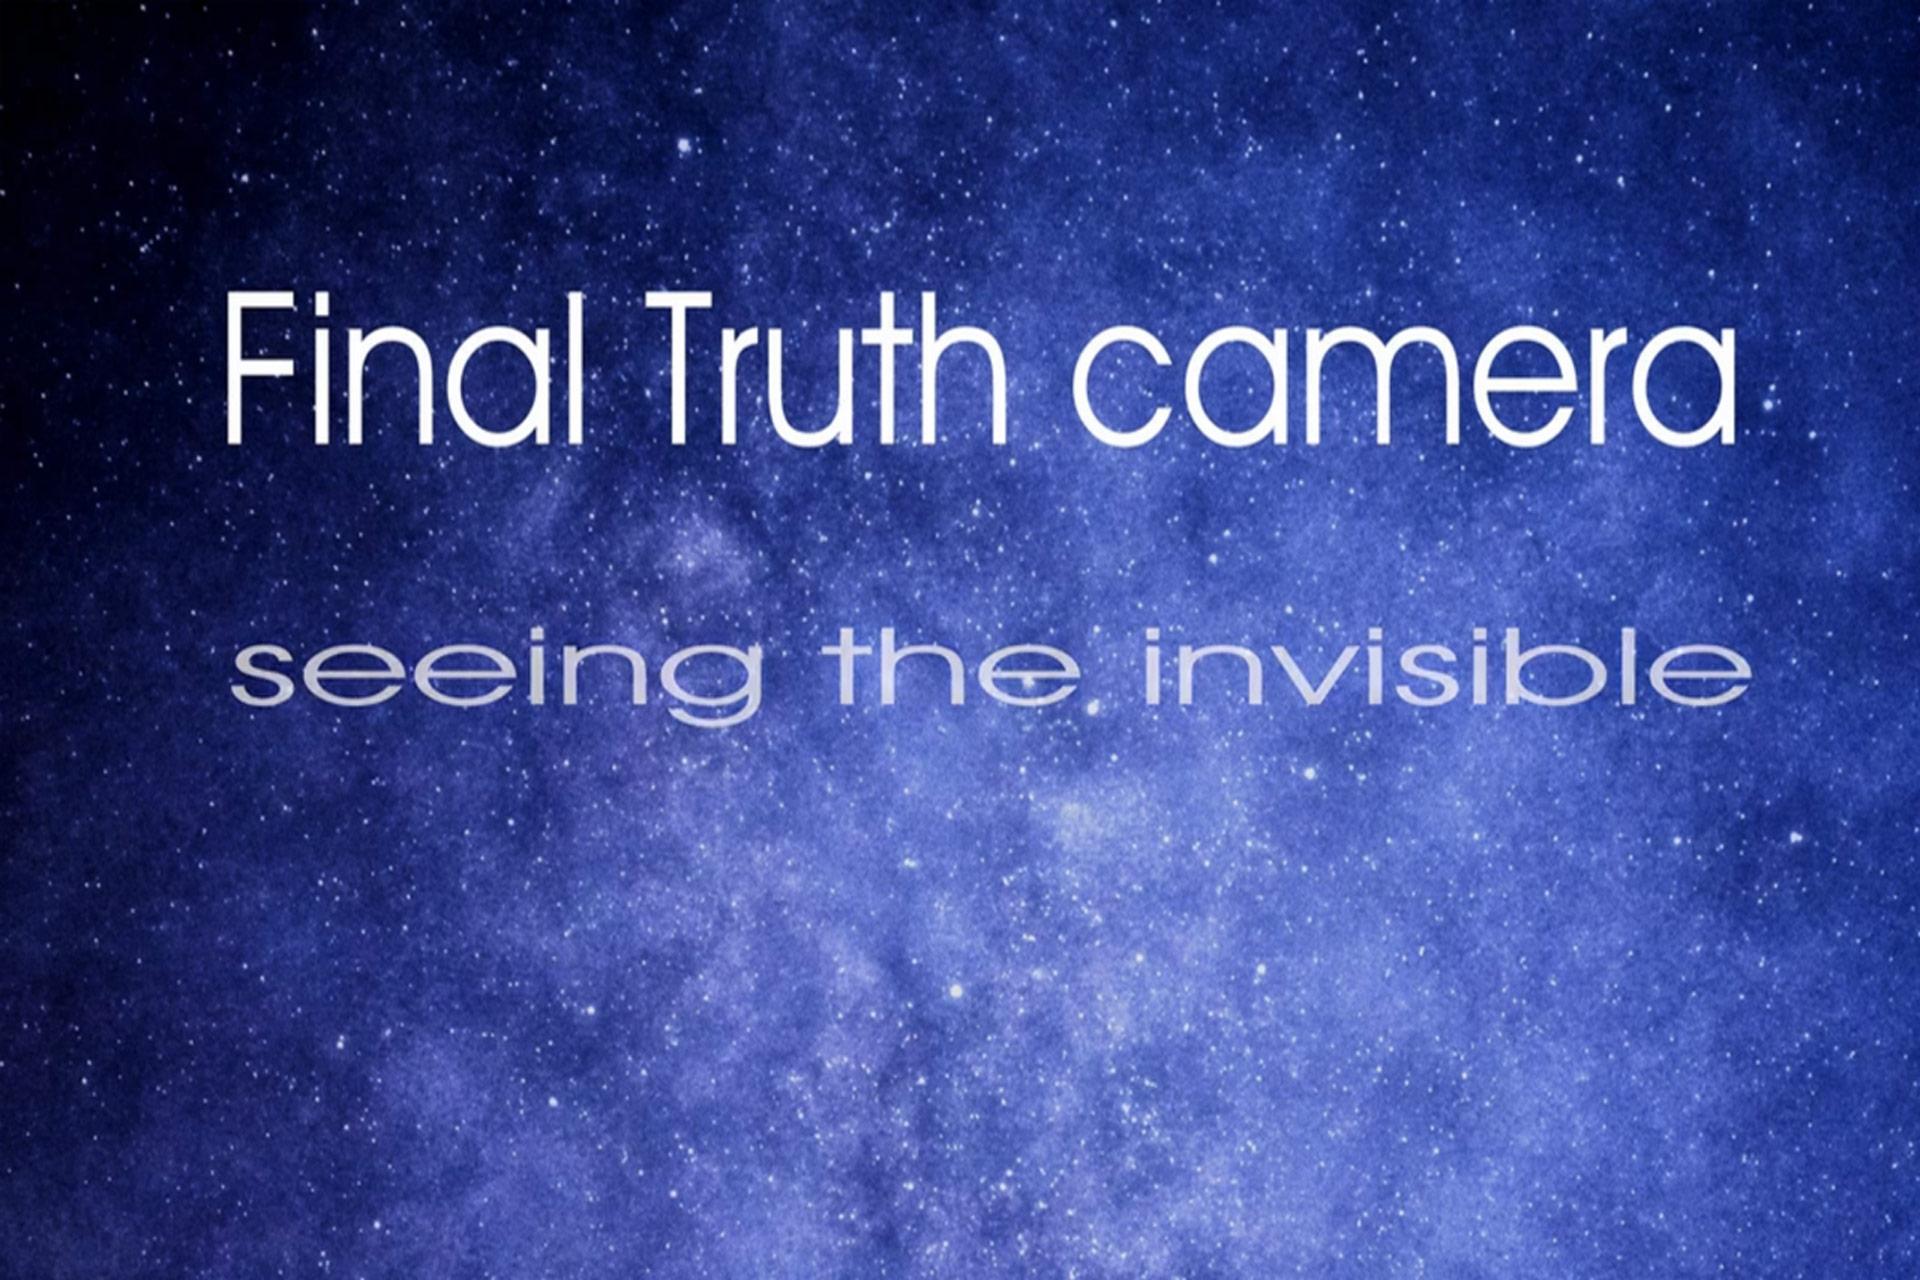 Final Truth Camera